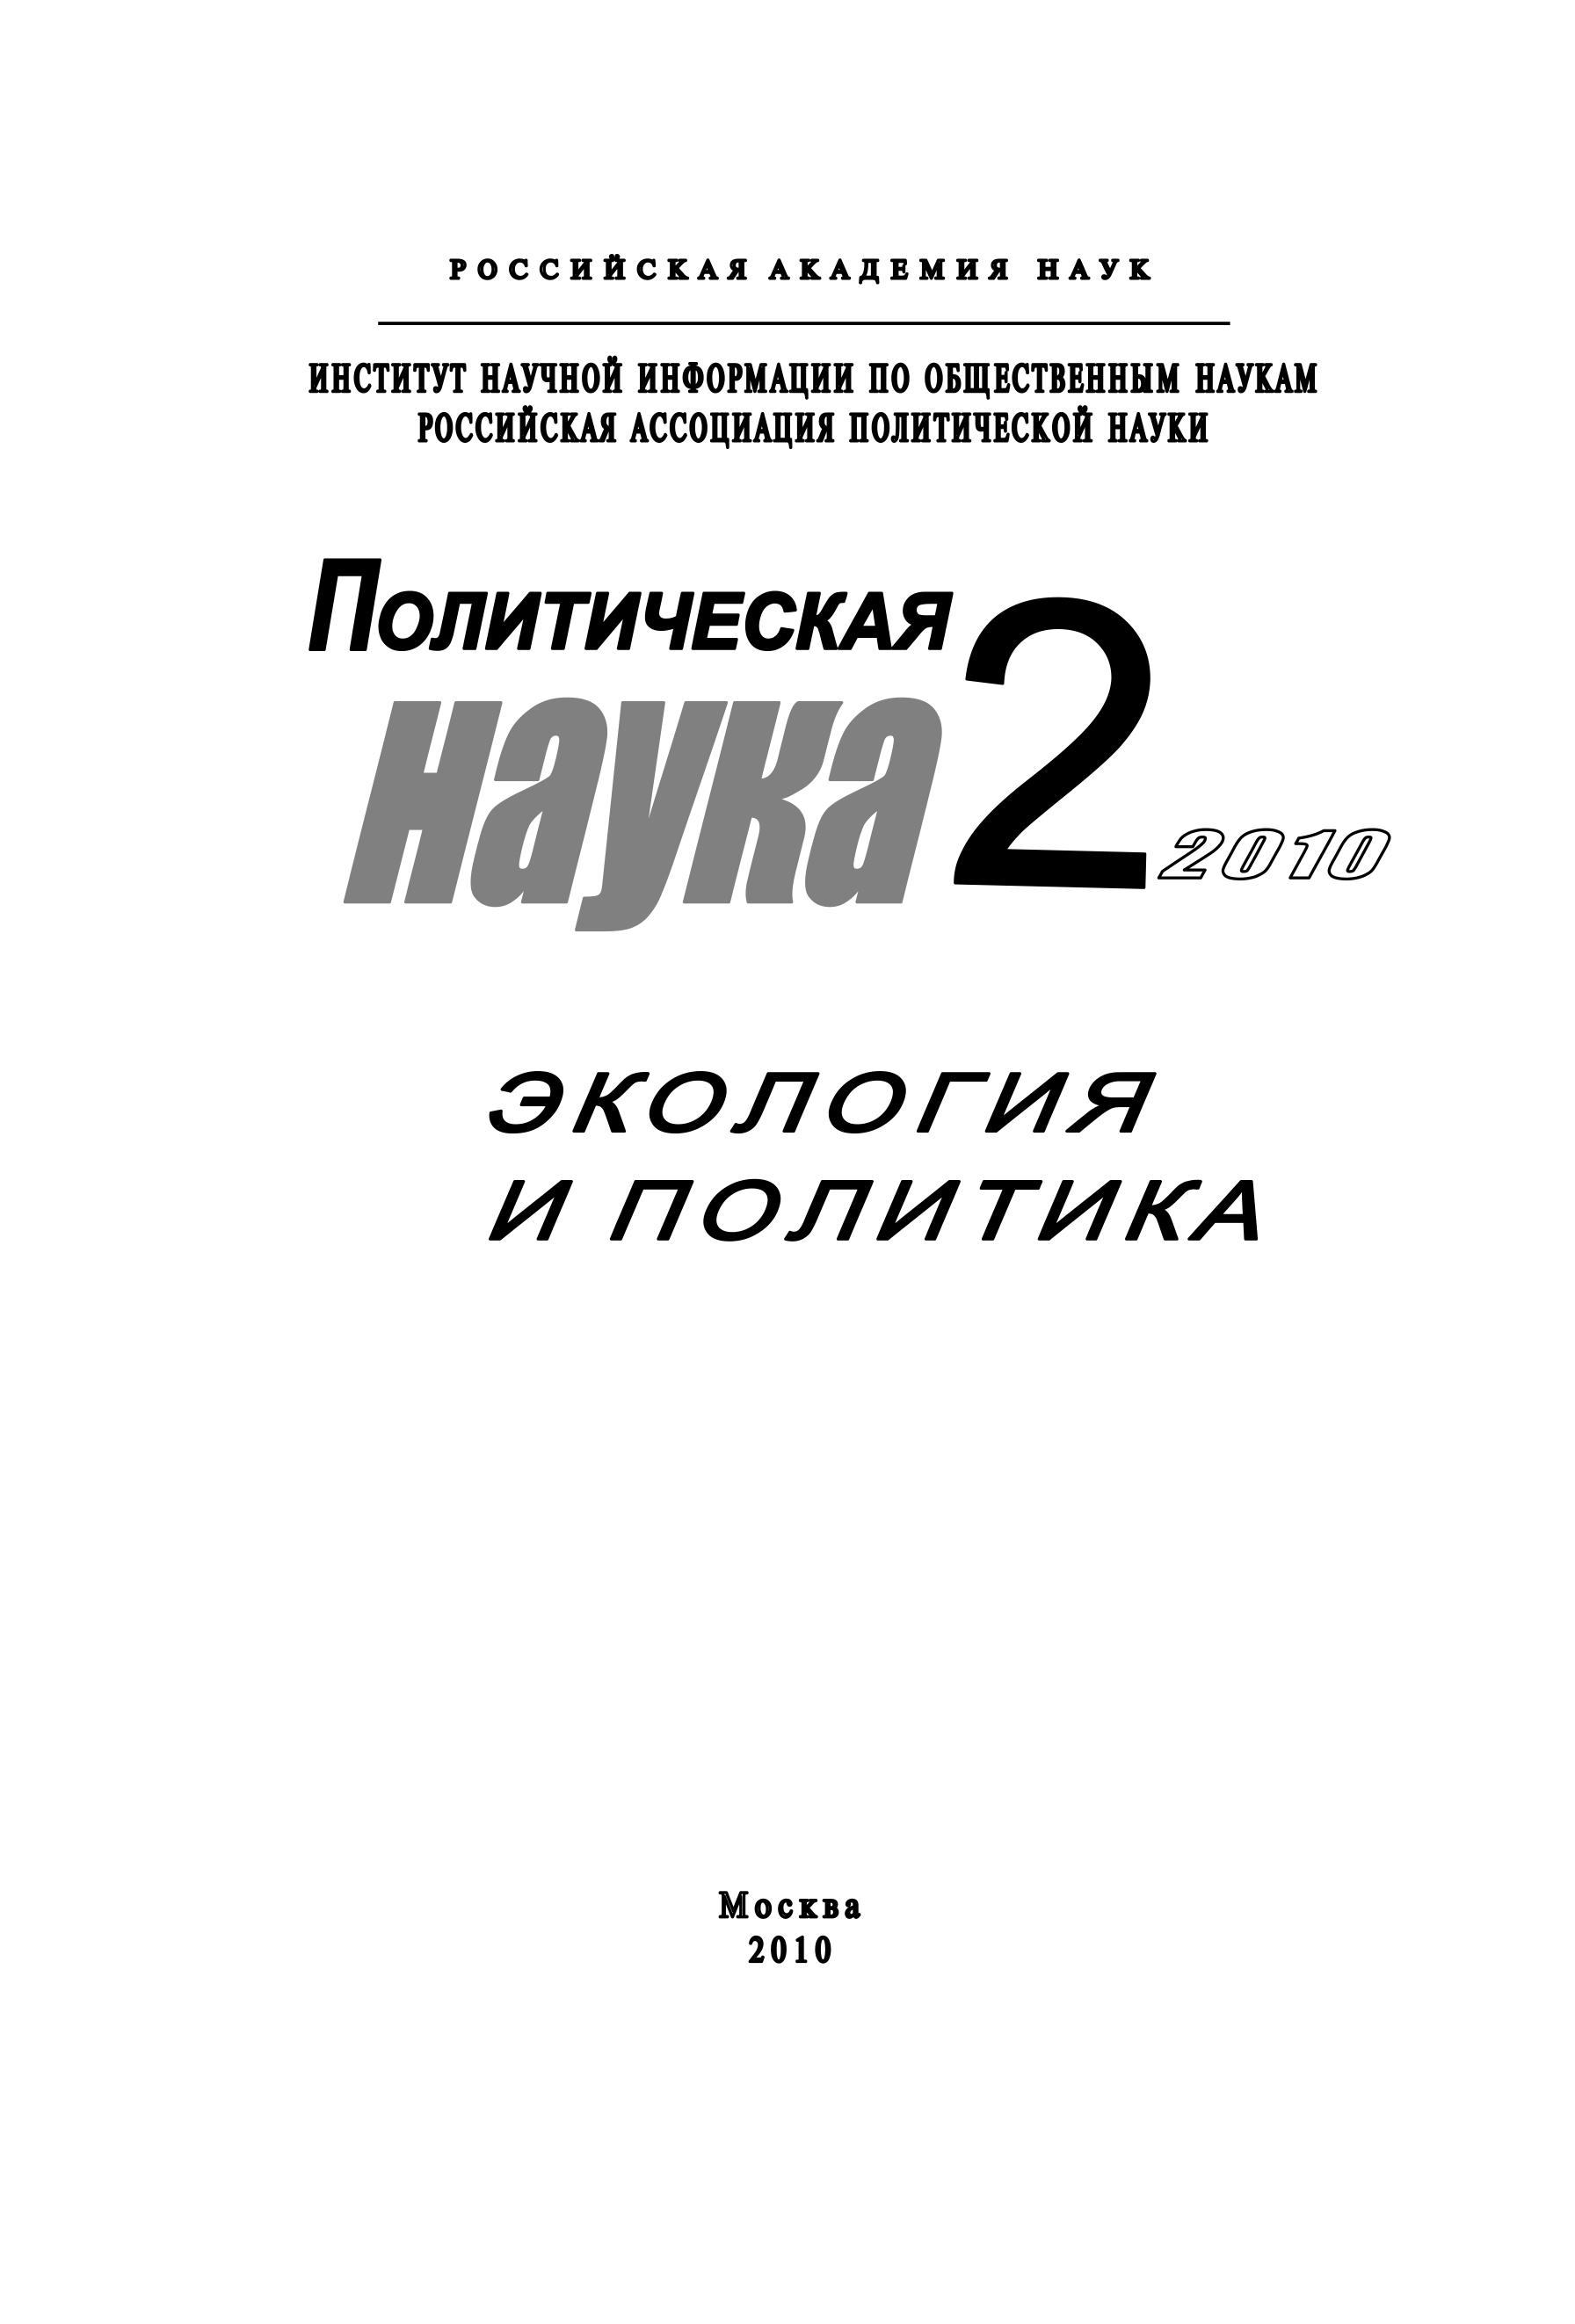 цена Дмитрий Ефременко Политическая наука № 2 / 2010 г. Экология и политика